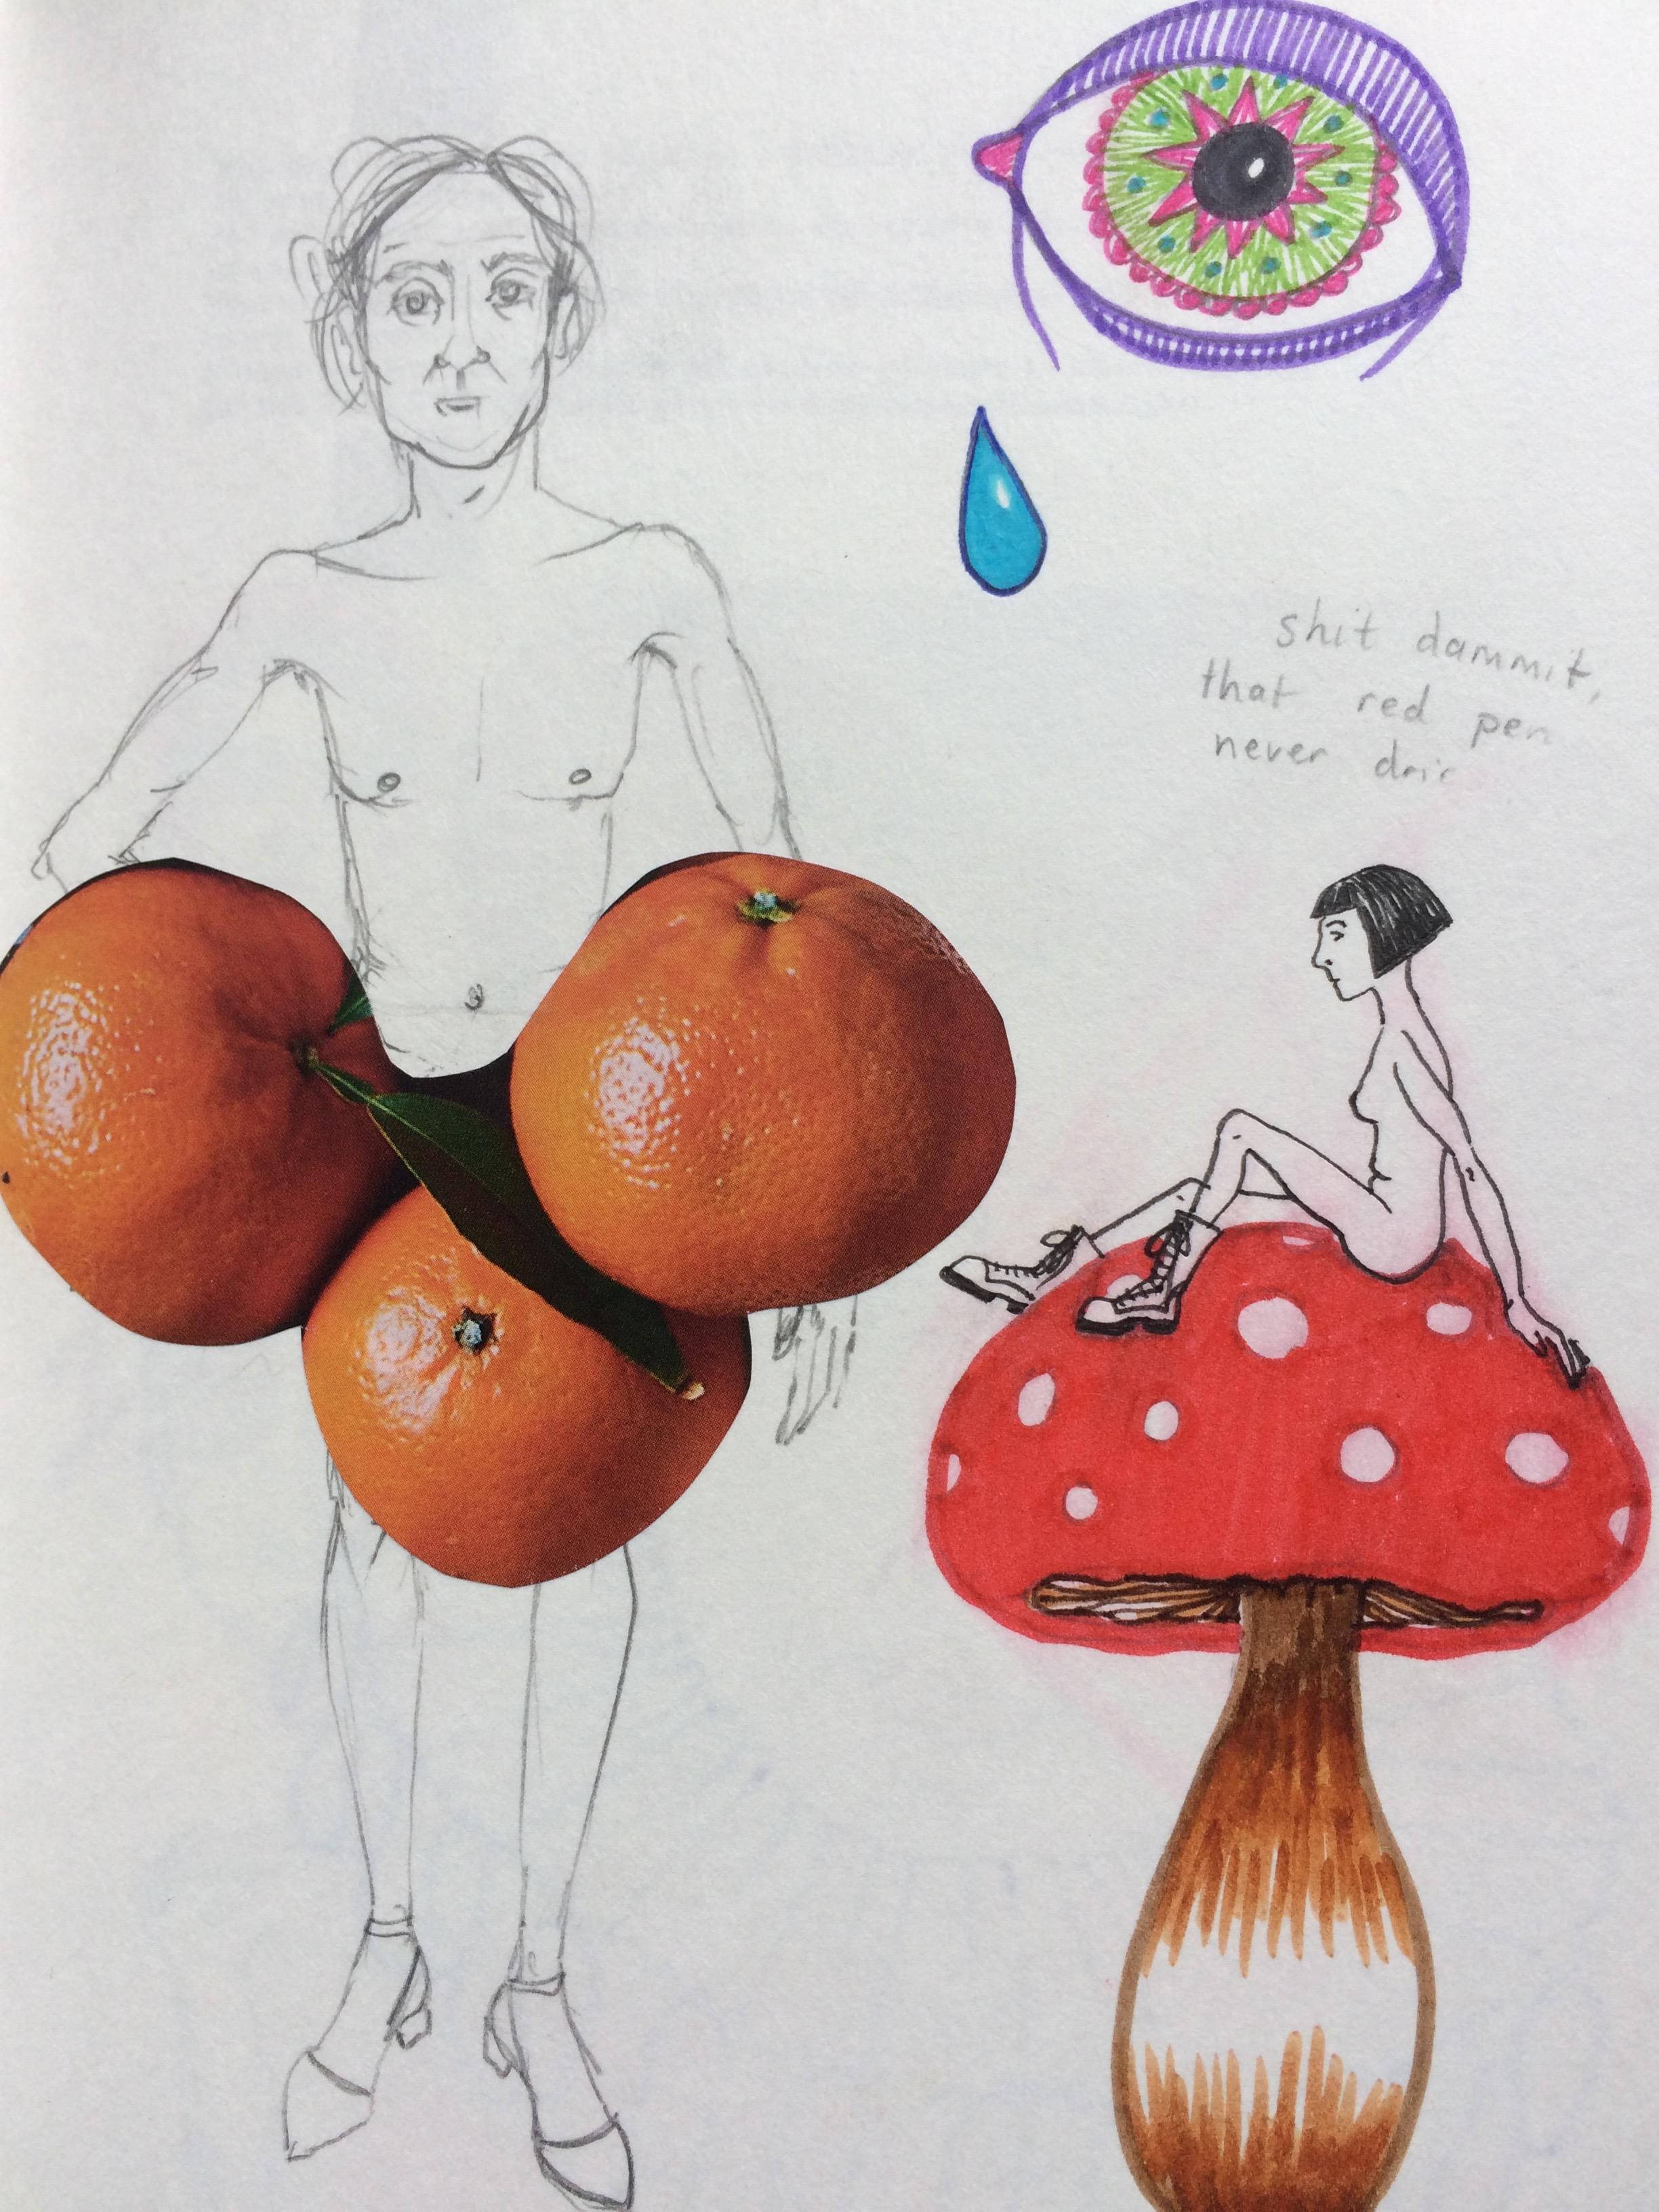 Citrus season